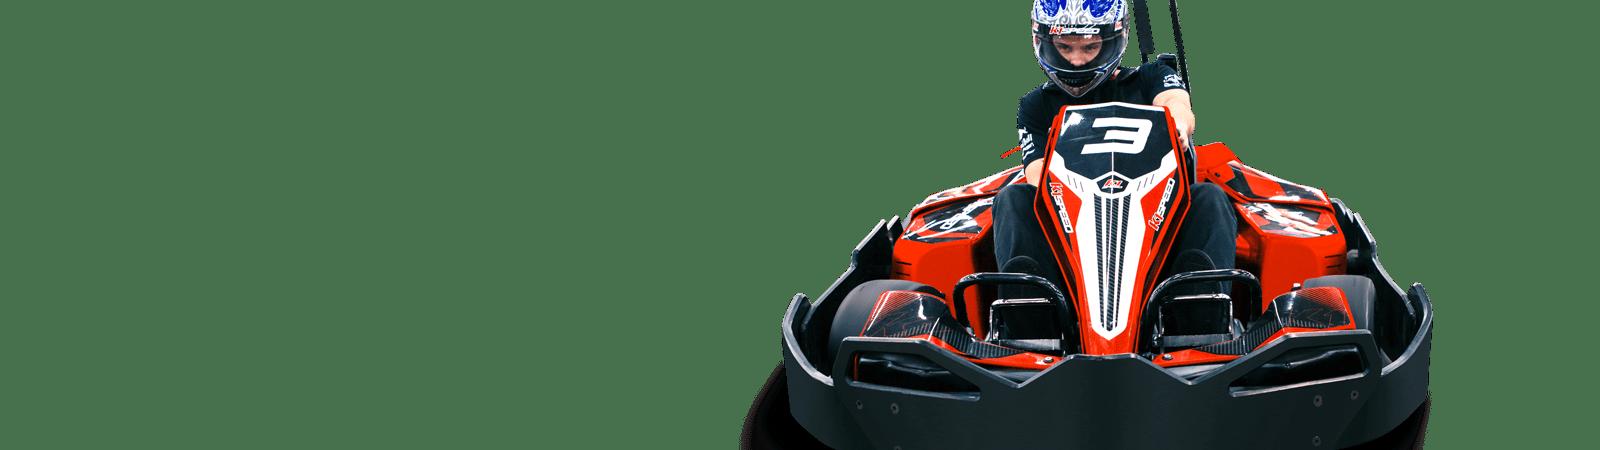 Indoor Go Kart Racing Torrance Los Angeles Long Beach